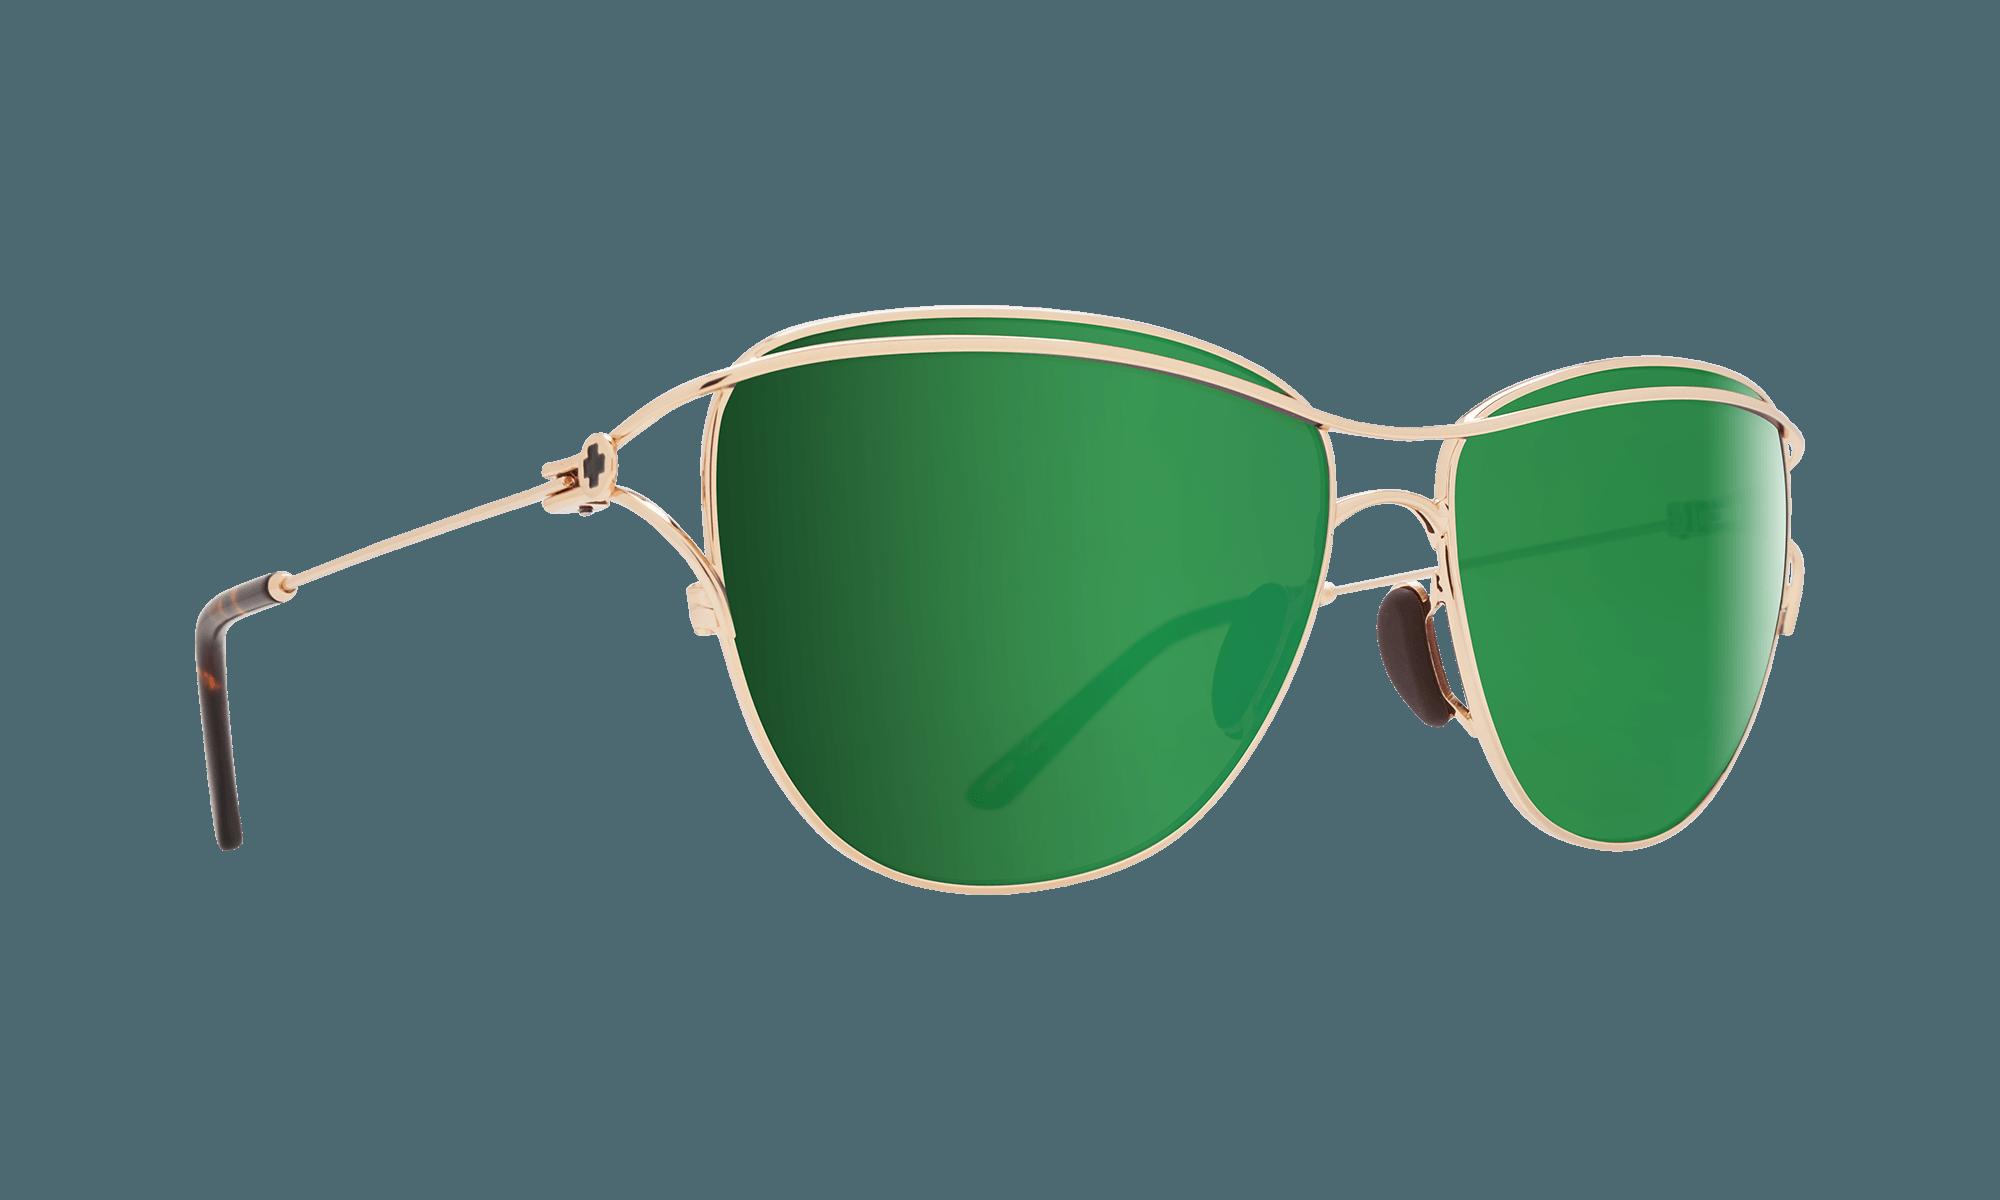 عینک آفتابی با شیشه سبز